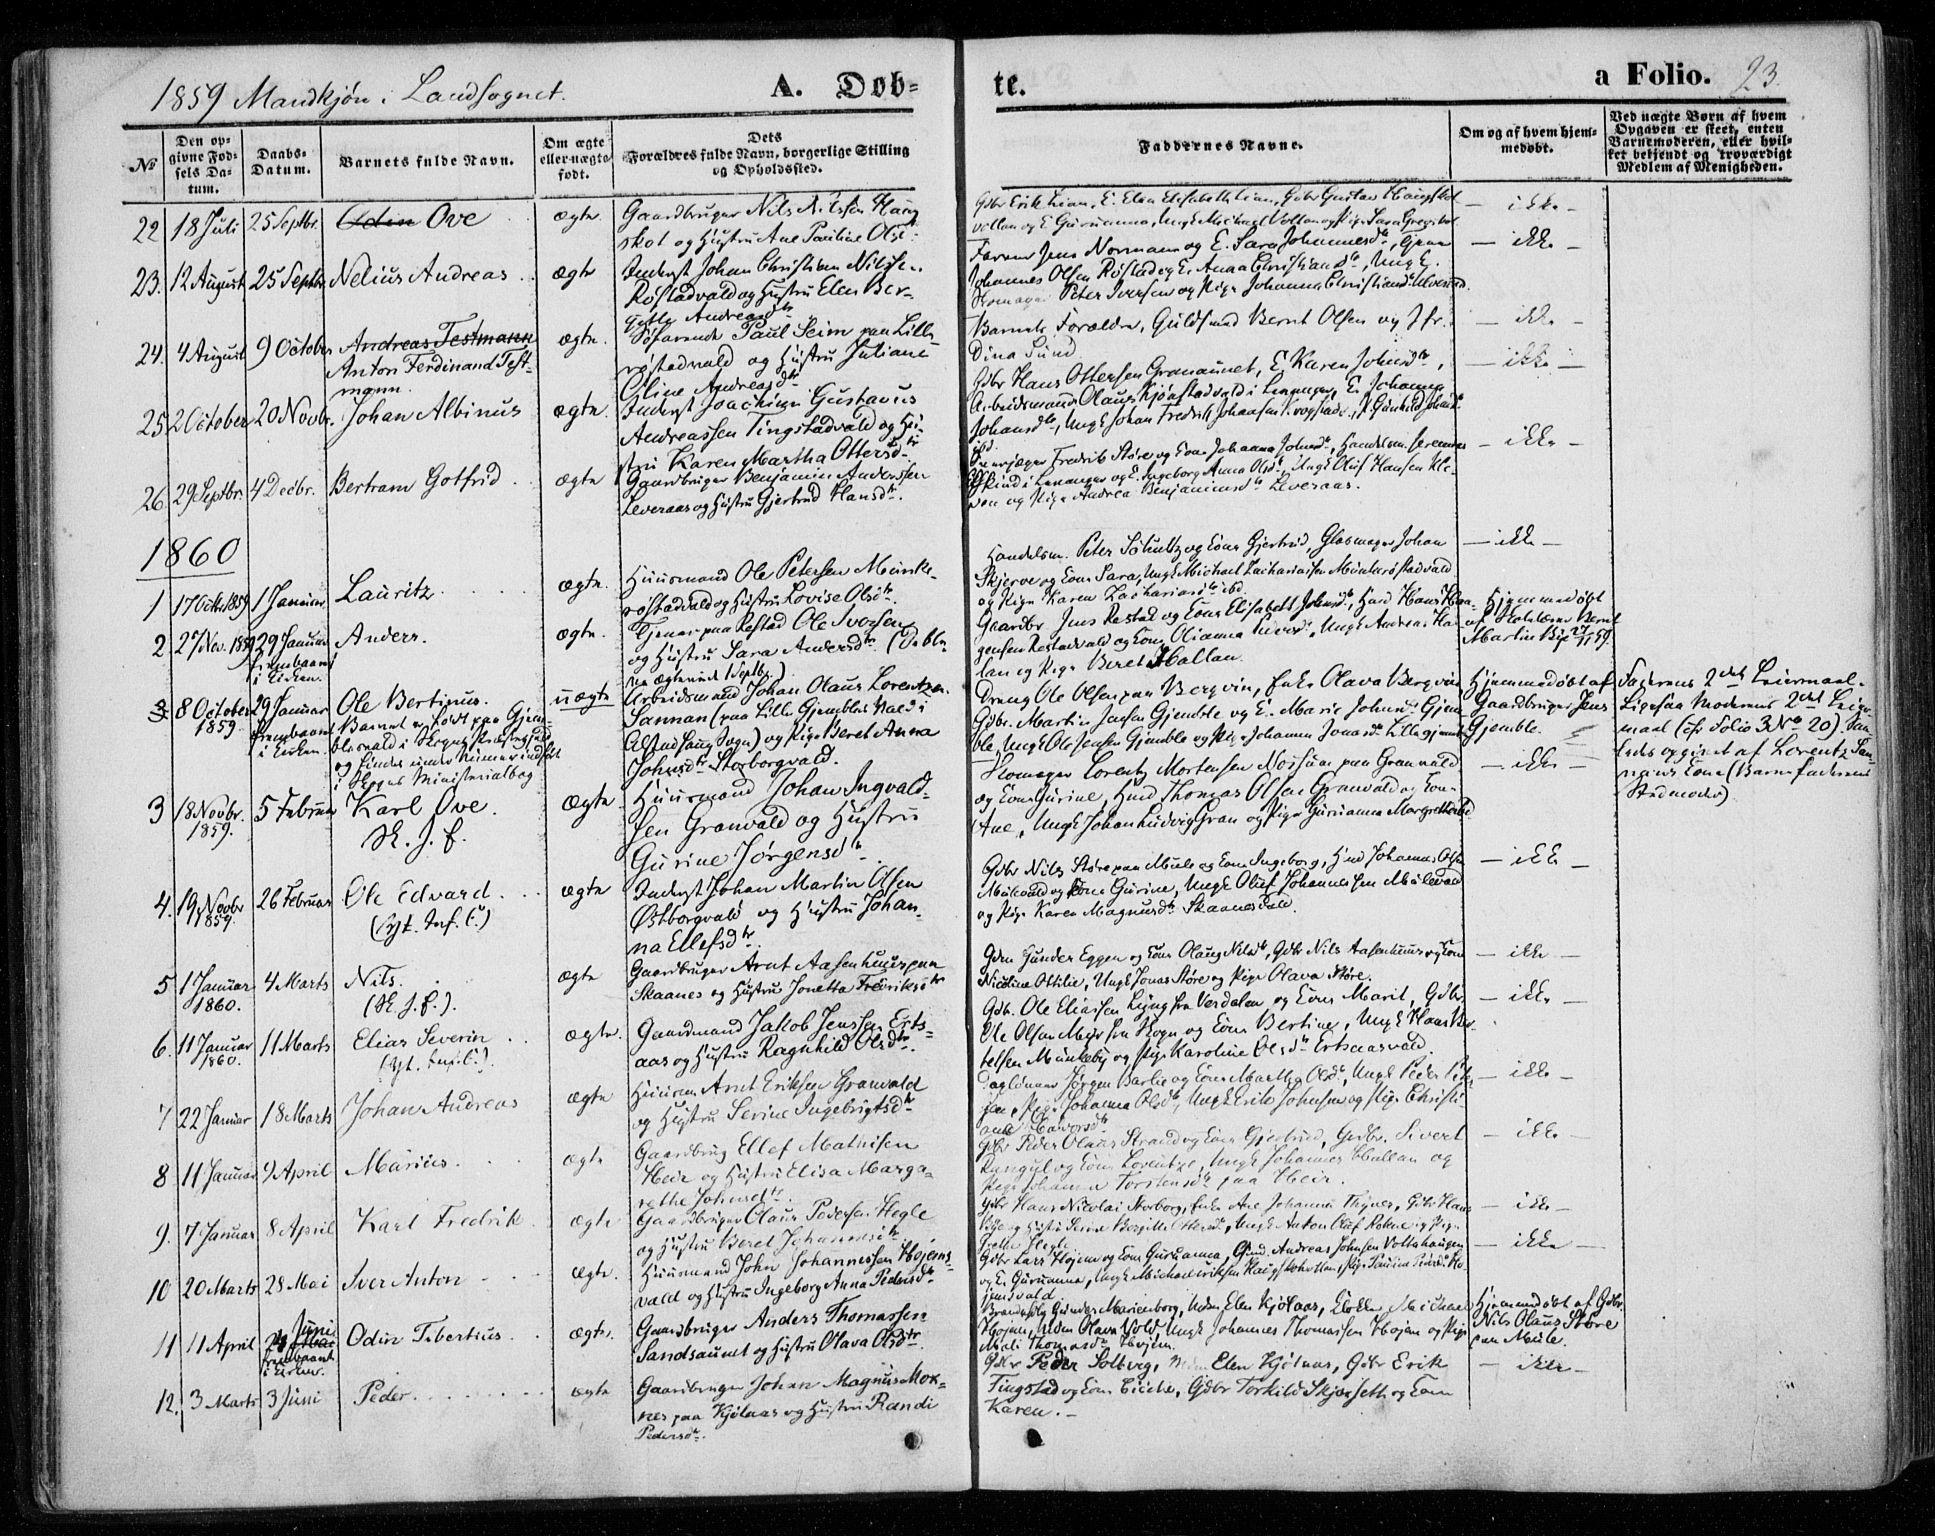 SAT, Ministerialprotokoller, klokkerbøker og fødselsregistre - Nord-Trøndelag, 720/L0184: Ministerialbok nr. 720A02 /2, 1855-1863, s. 23